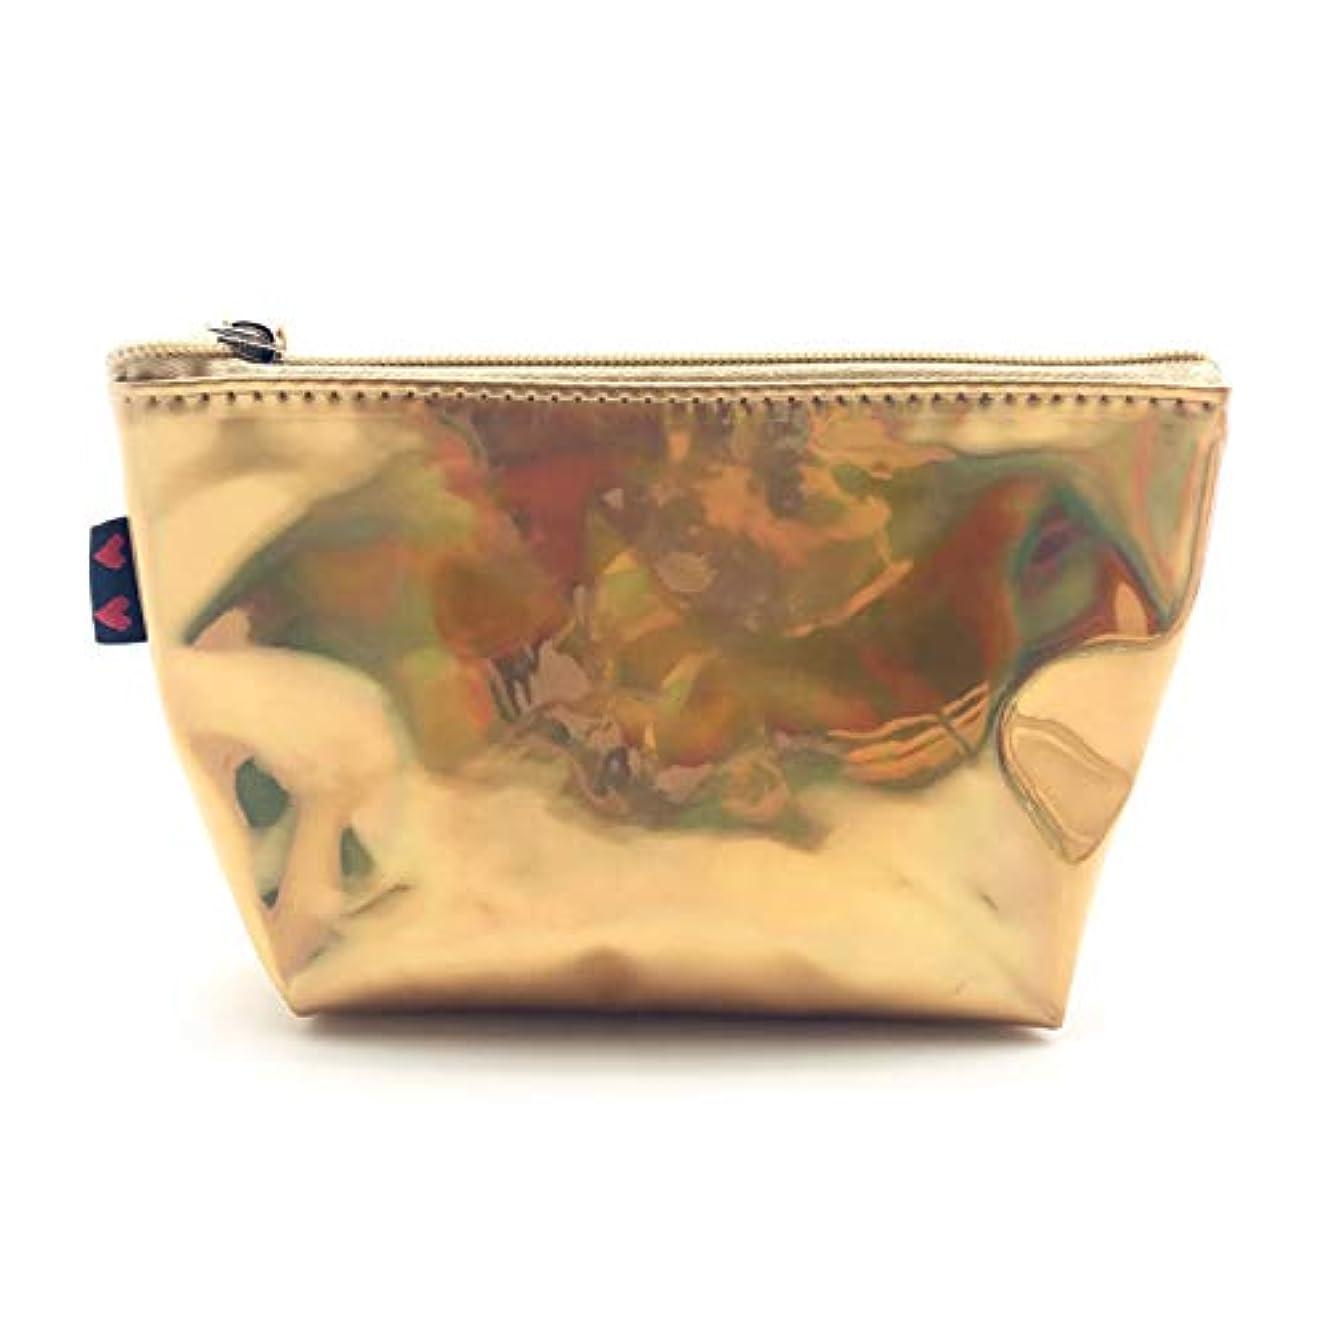 影響叱る分離するOU-Kunmlef 実用的な新リーフ小レーザーメイクアップポータブル旅行バッグ化粧品の女性`(None gold)